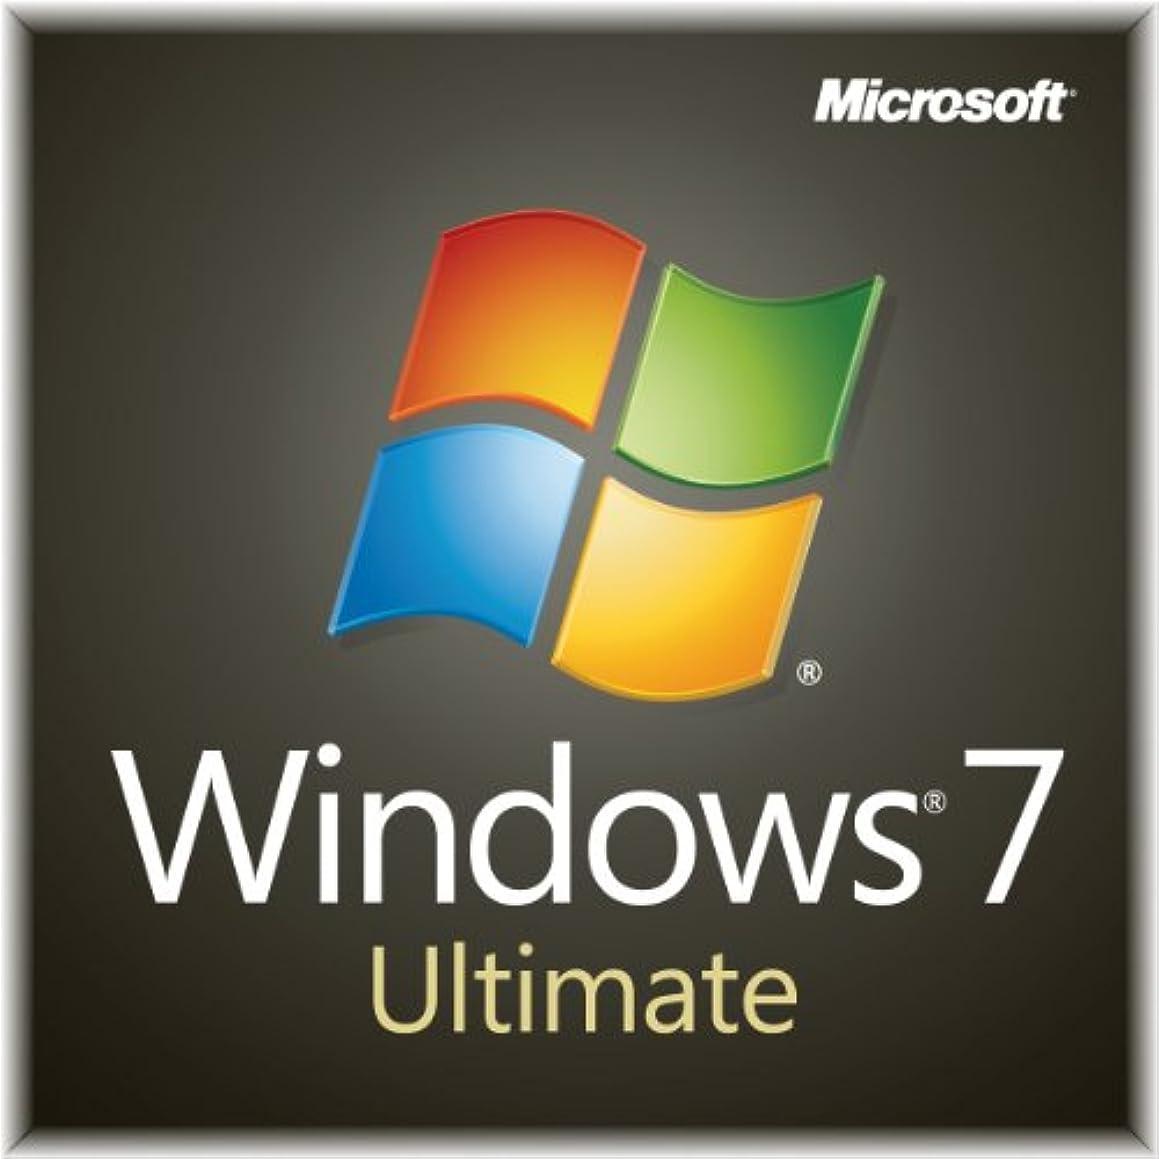 口ひげ周術期エジプト人Microsoft Windows7 Ultimate 32bit Service Pack 1 日本語 DSP版 DVD LCP 【紙パッケージ版】